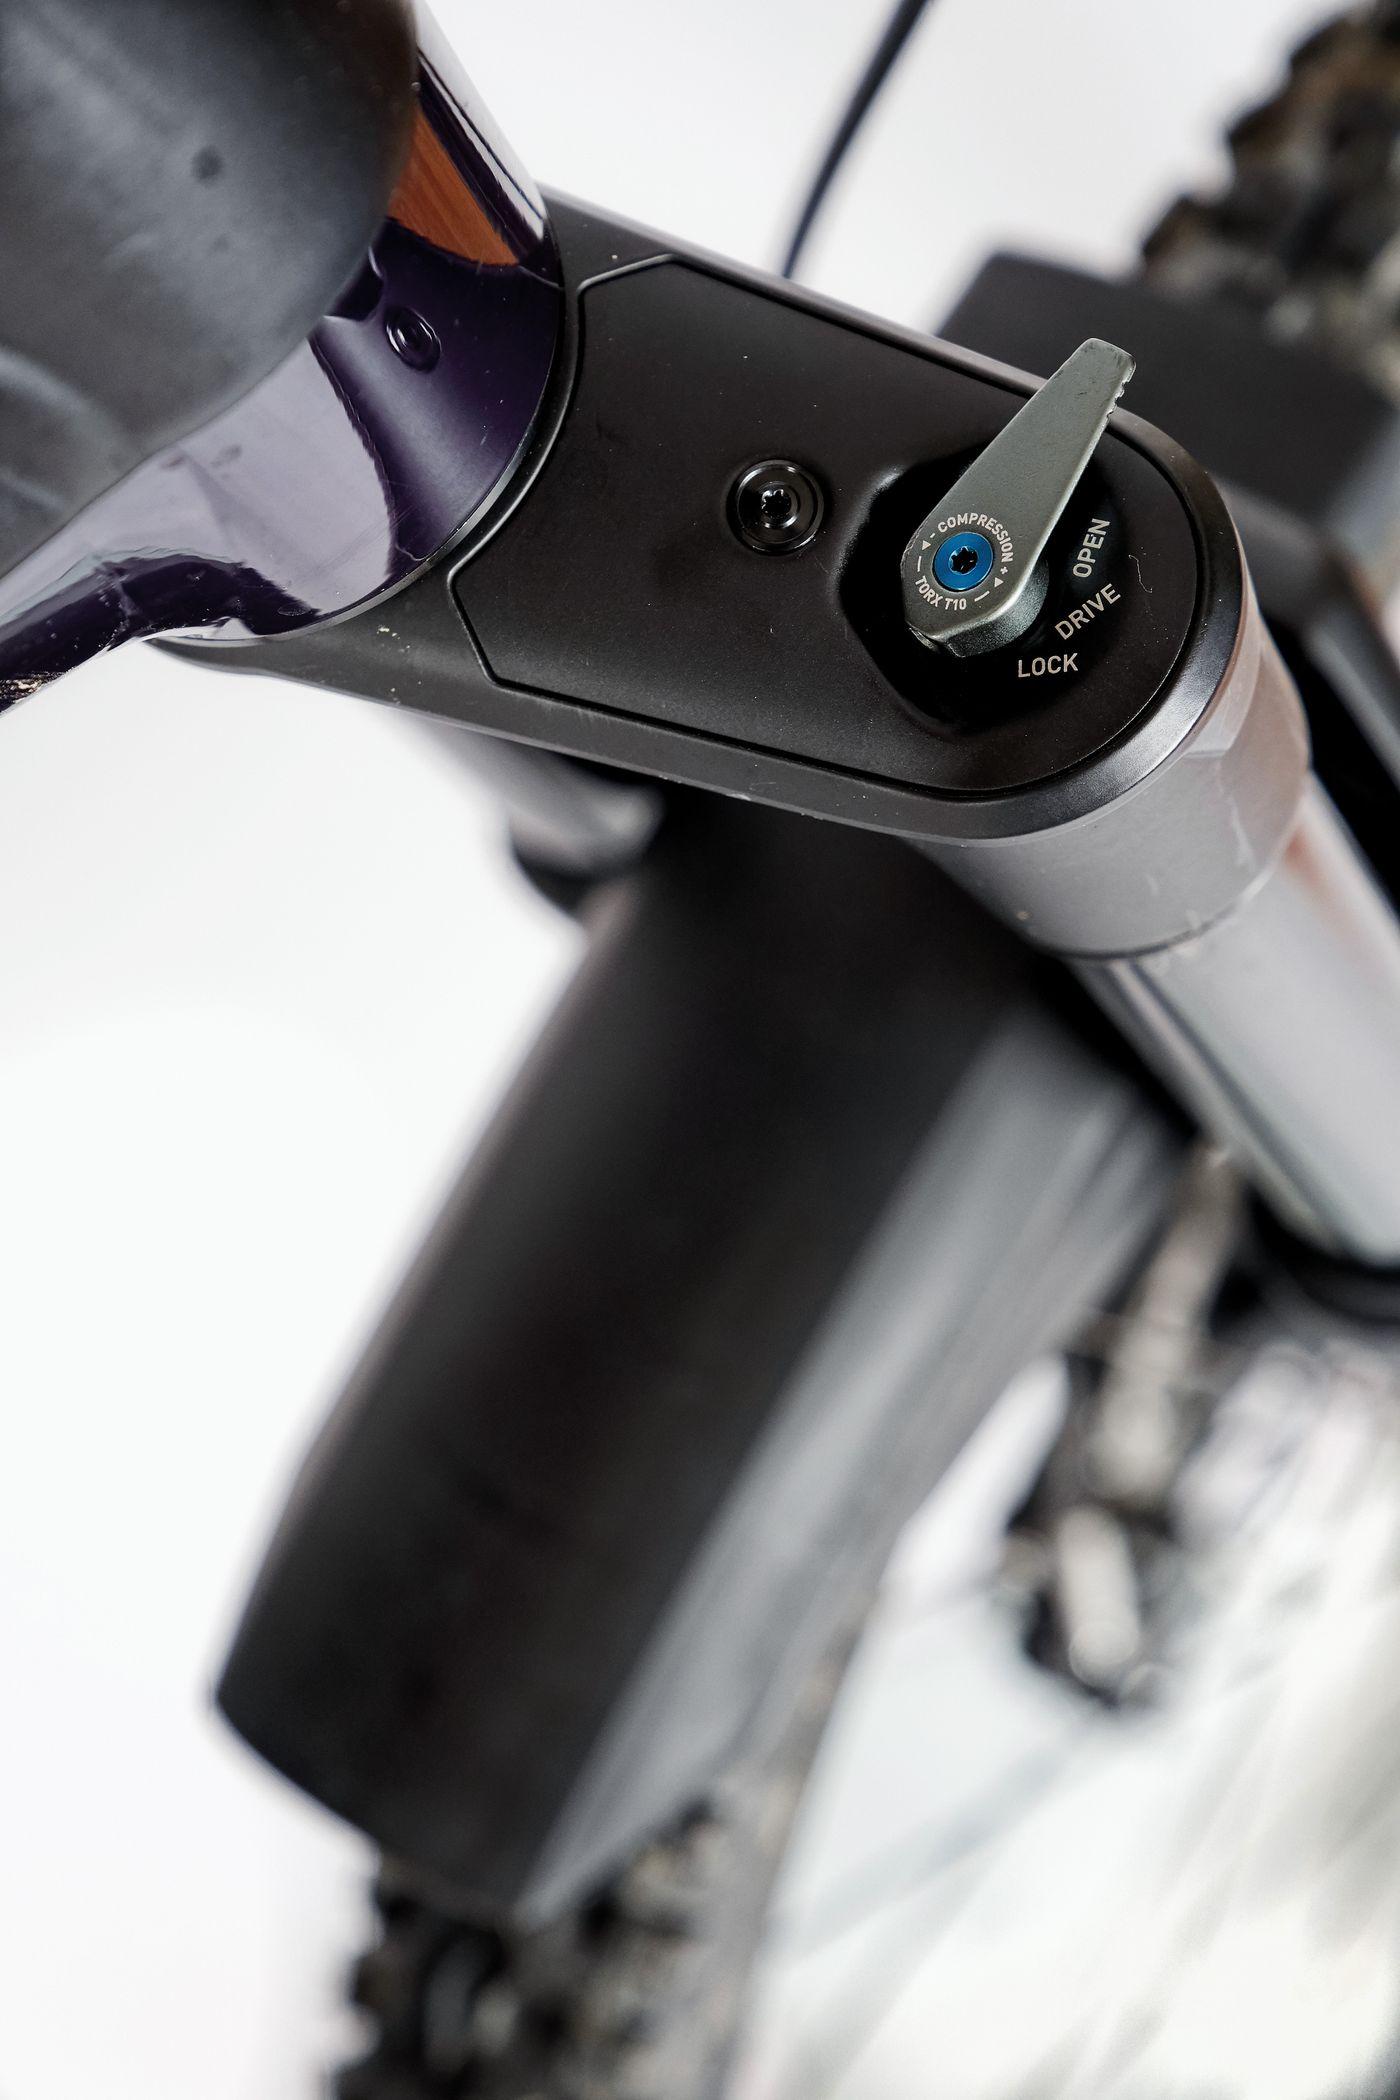 Bixs Sign ClimBer-e -  Lockout-Hebel der DT Swiss F 535 One Federgabel